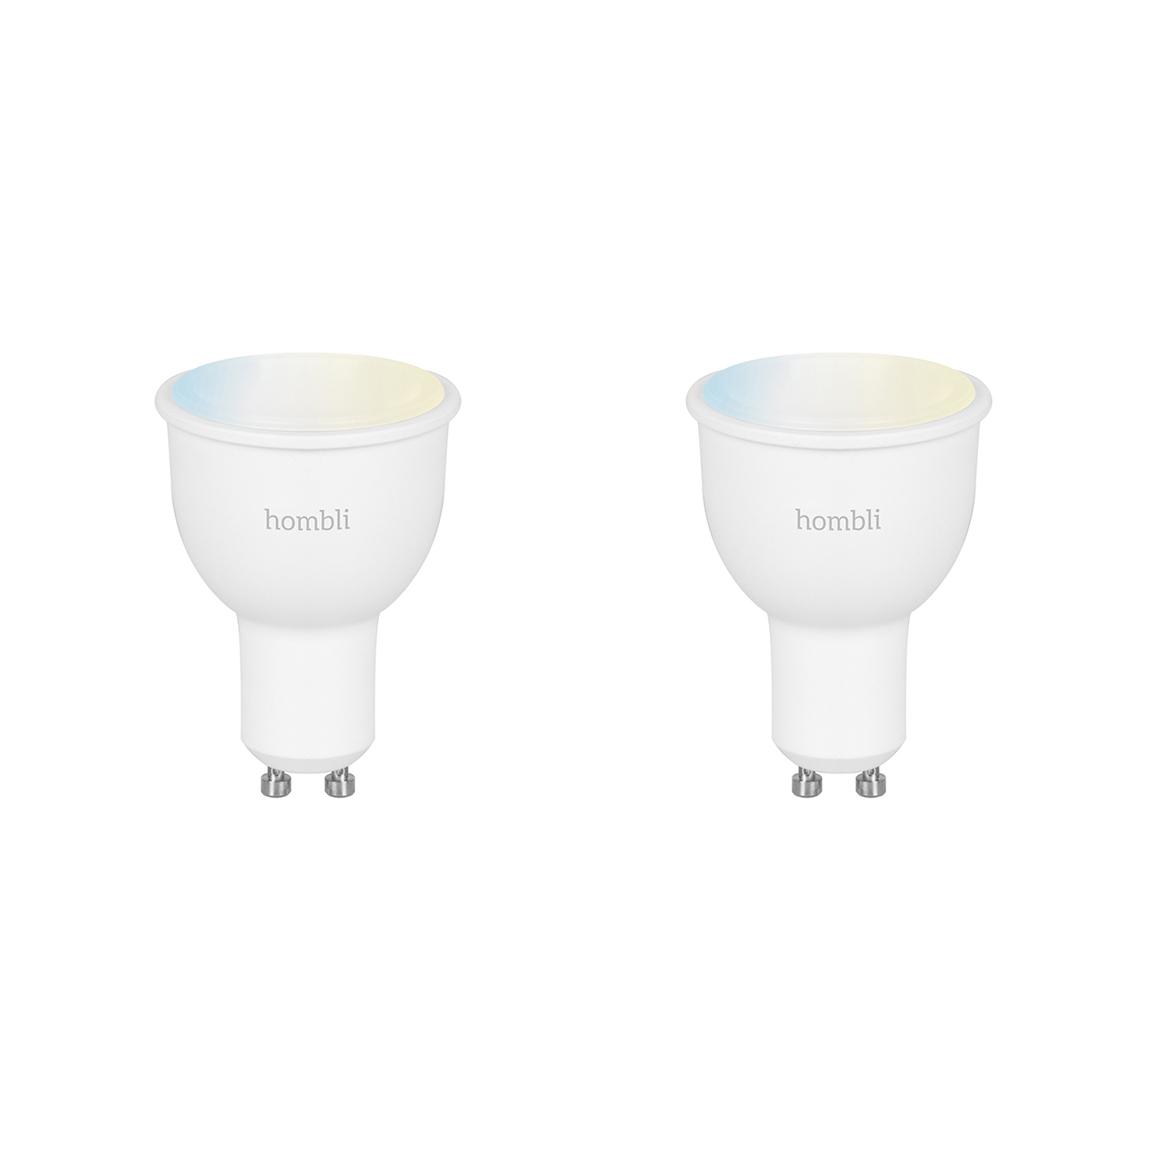 Hombli Smart Spot GU10 White-Lampe 2er-Set